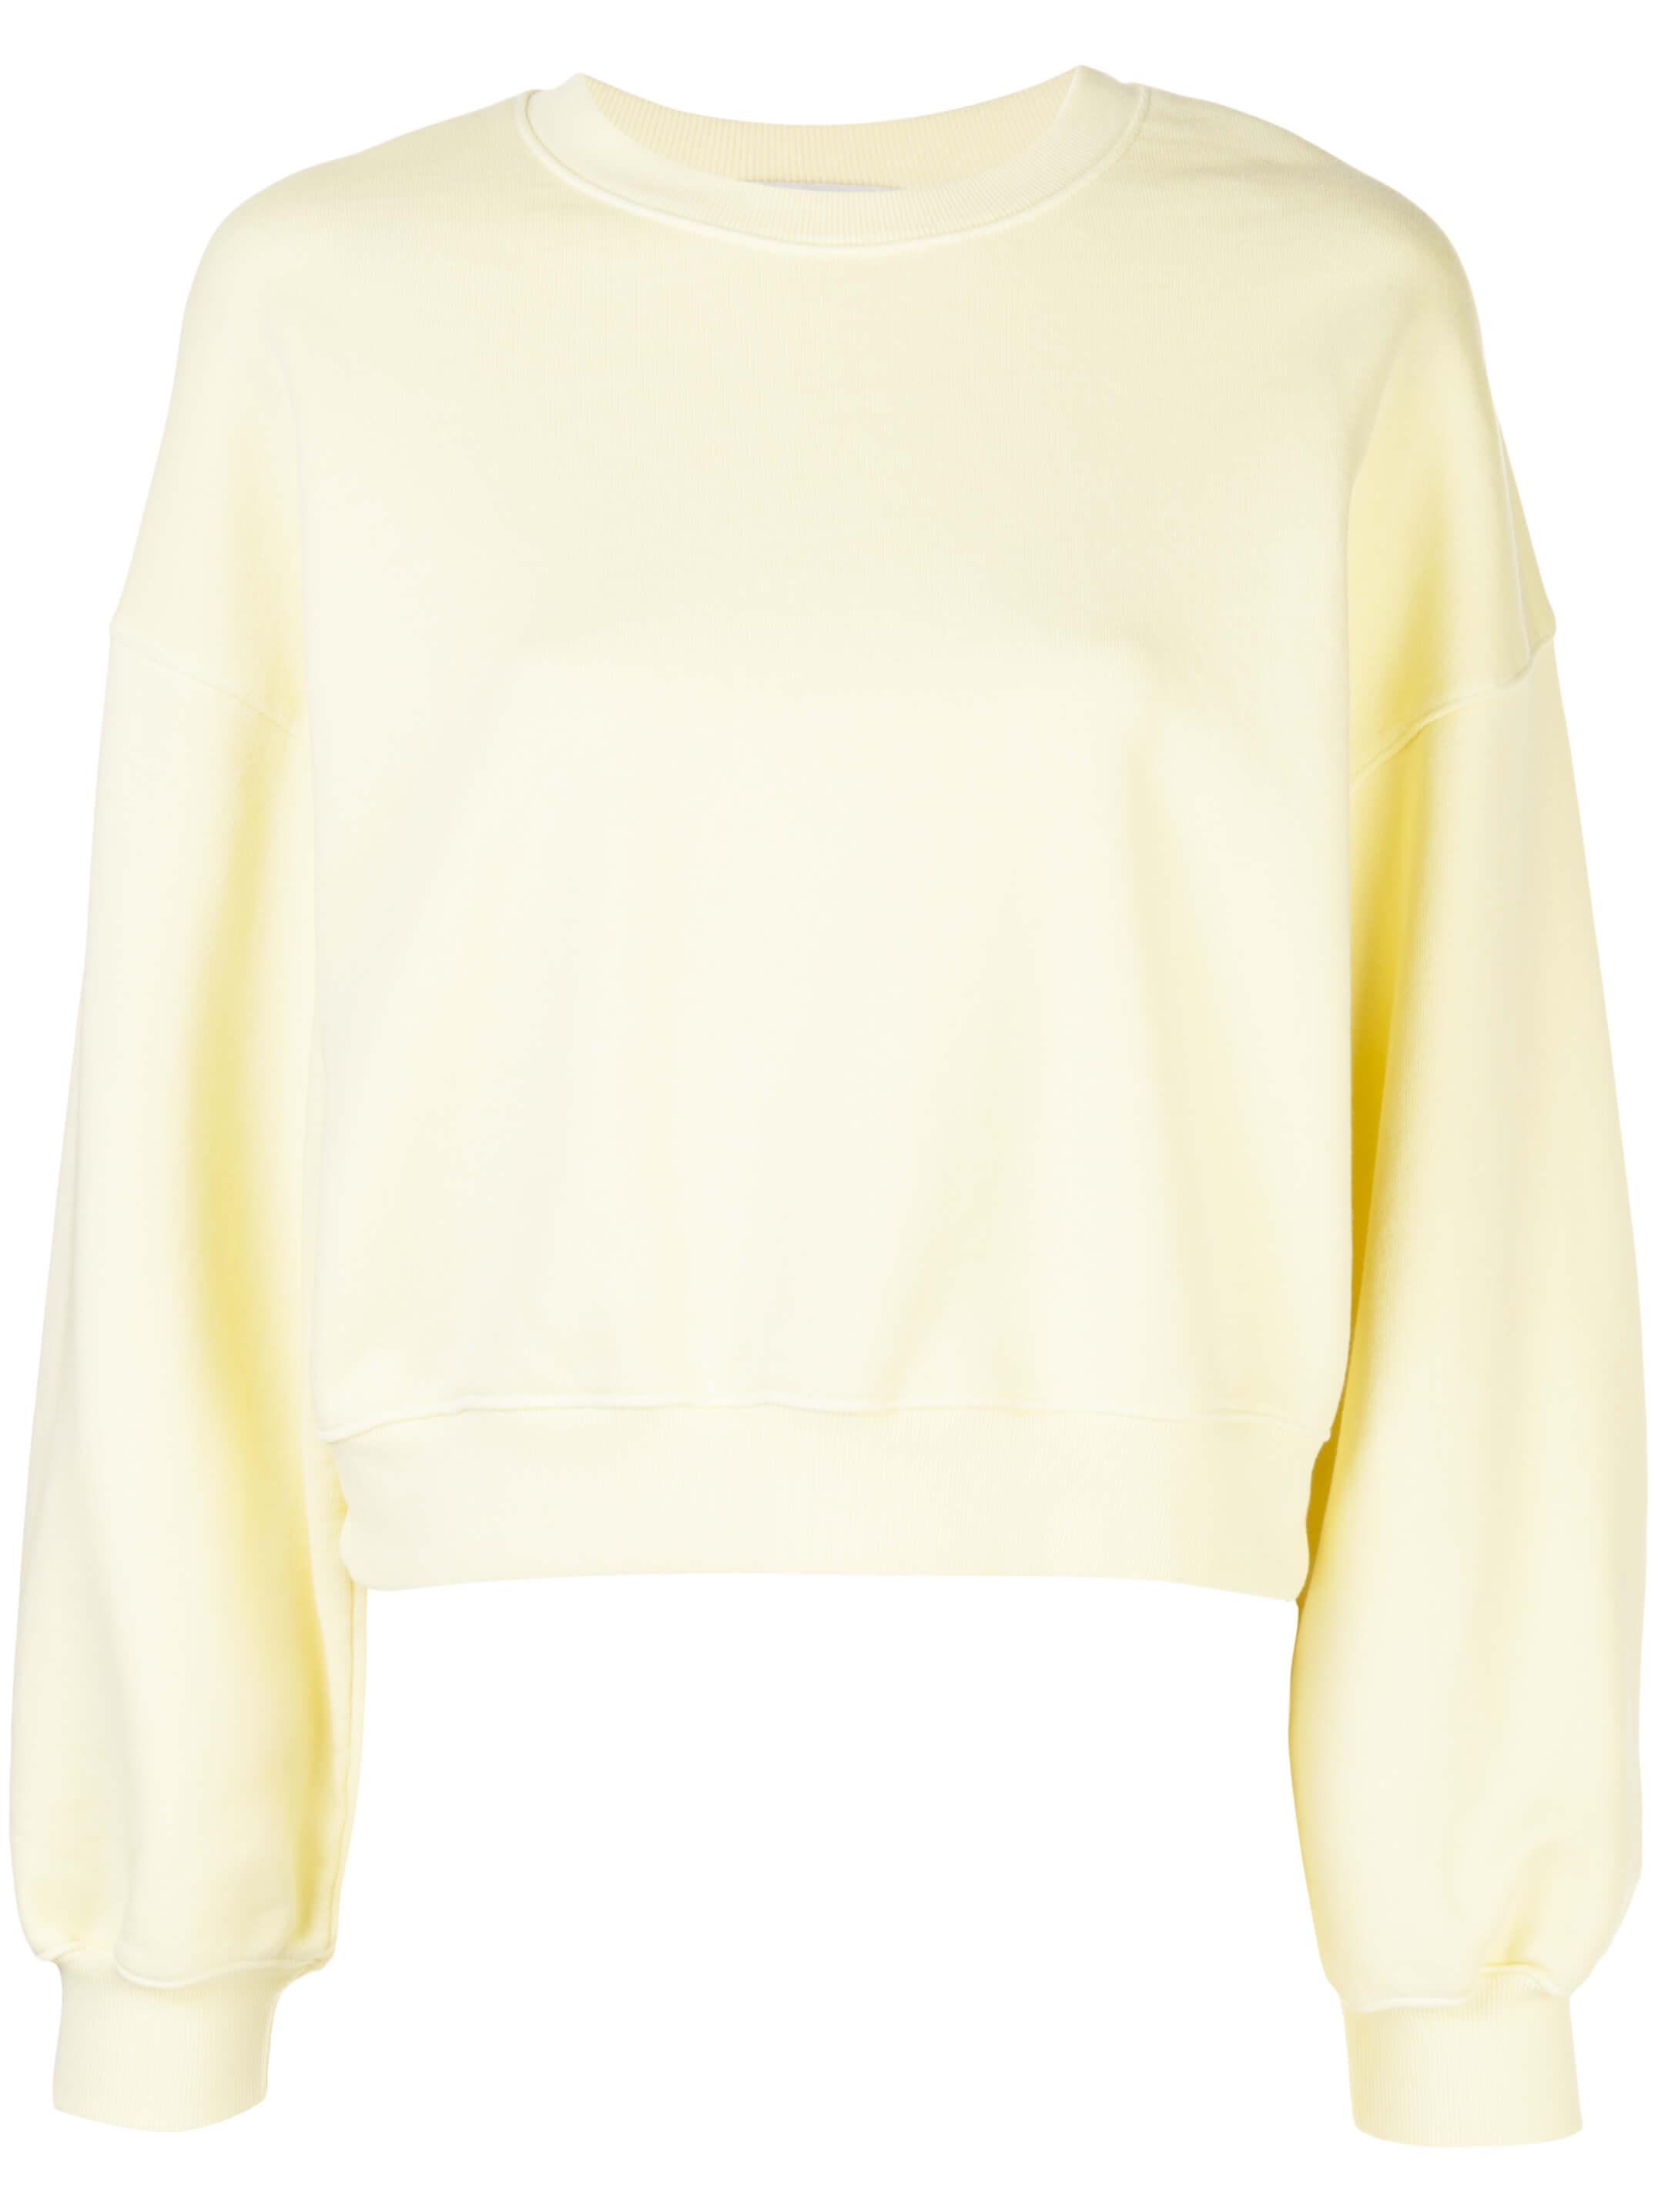 Balloon Sleeve Sweatshirt Item # A7044B